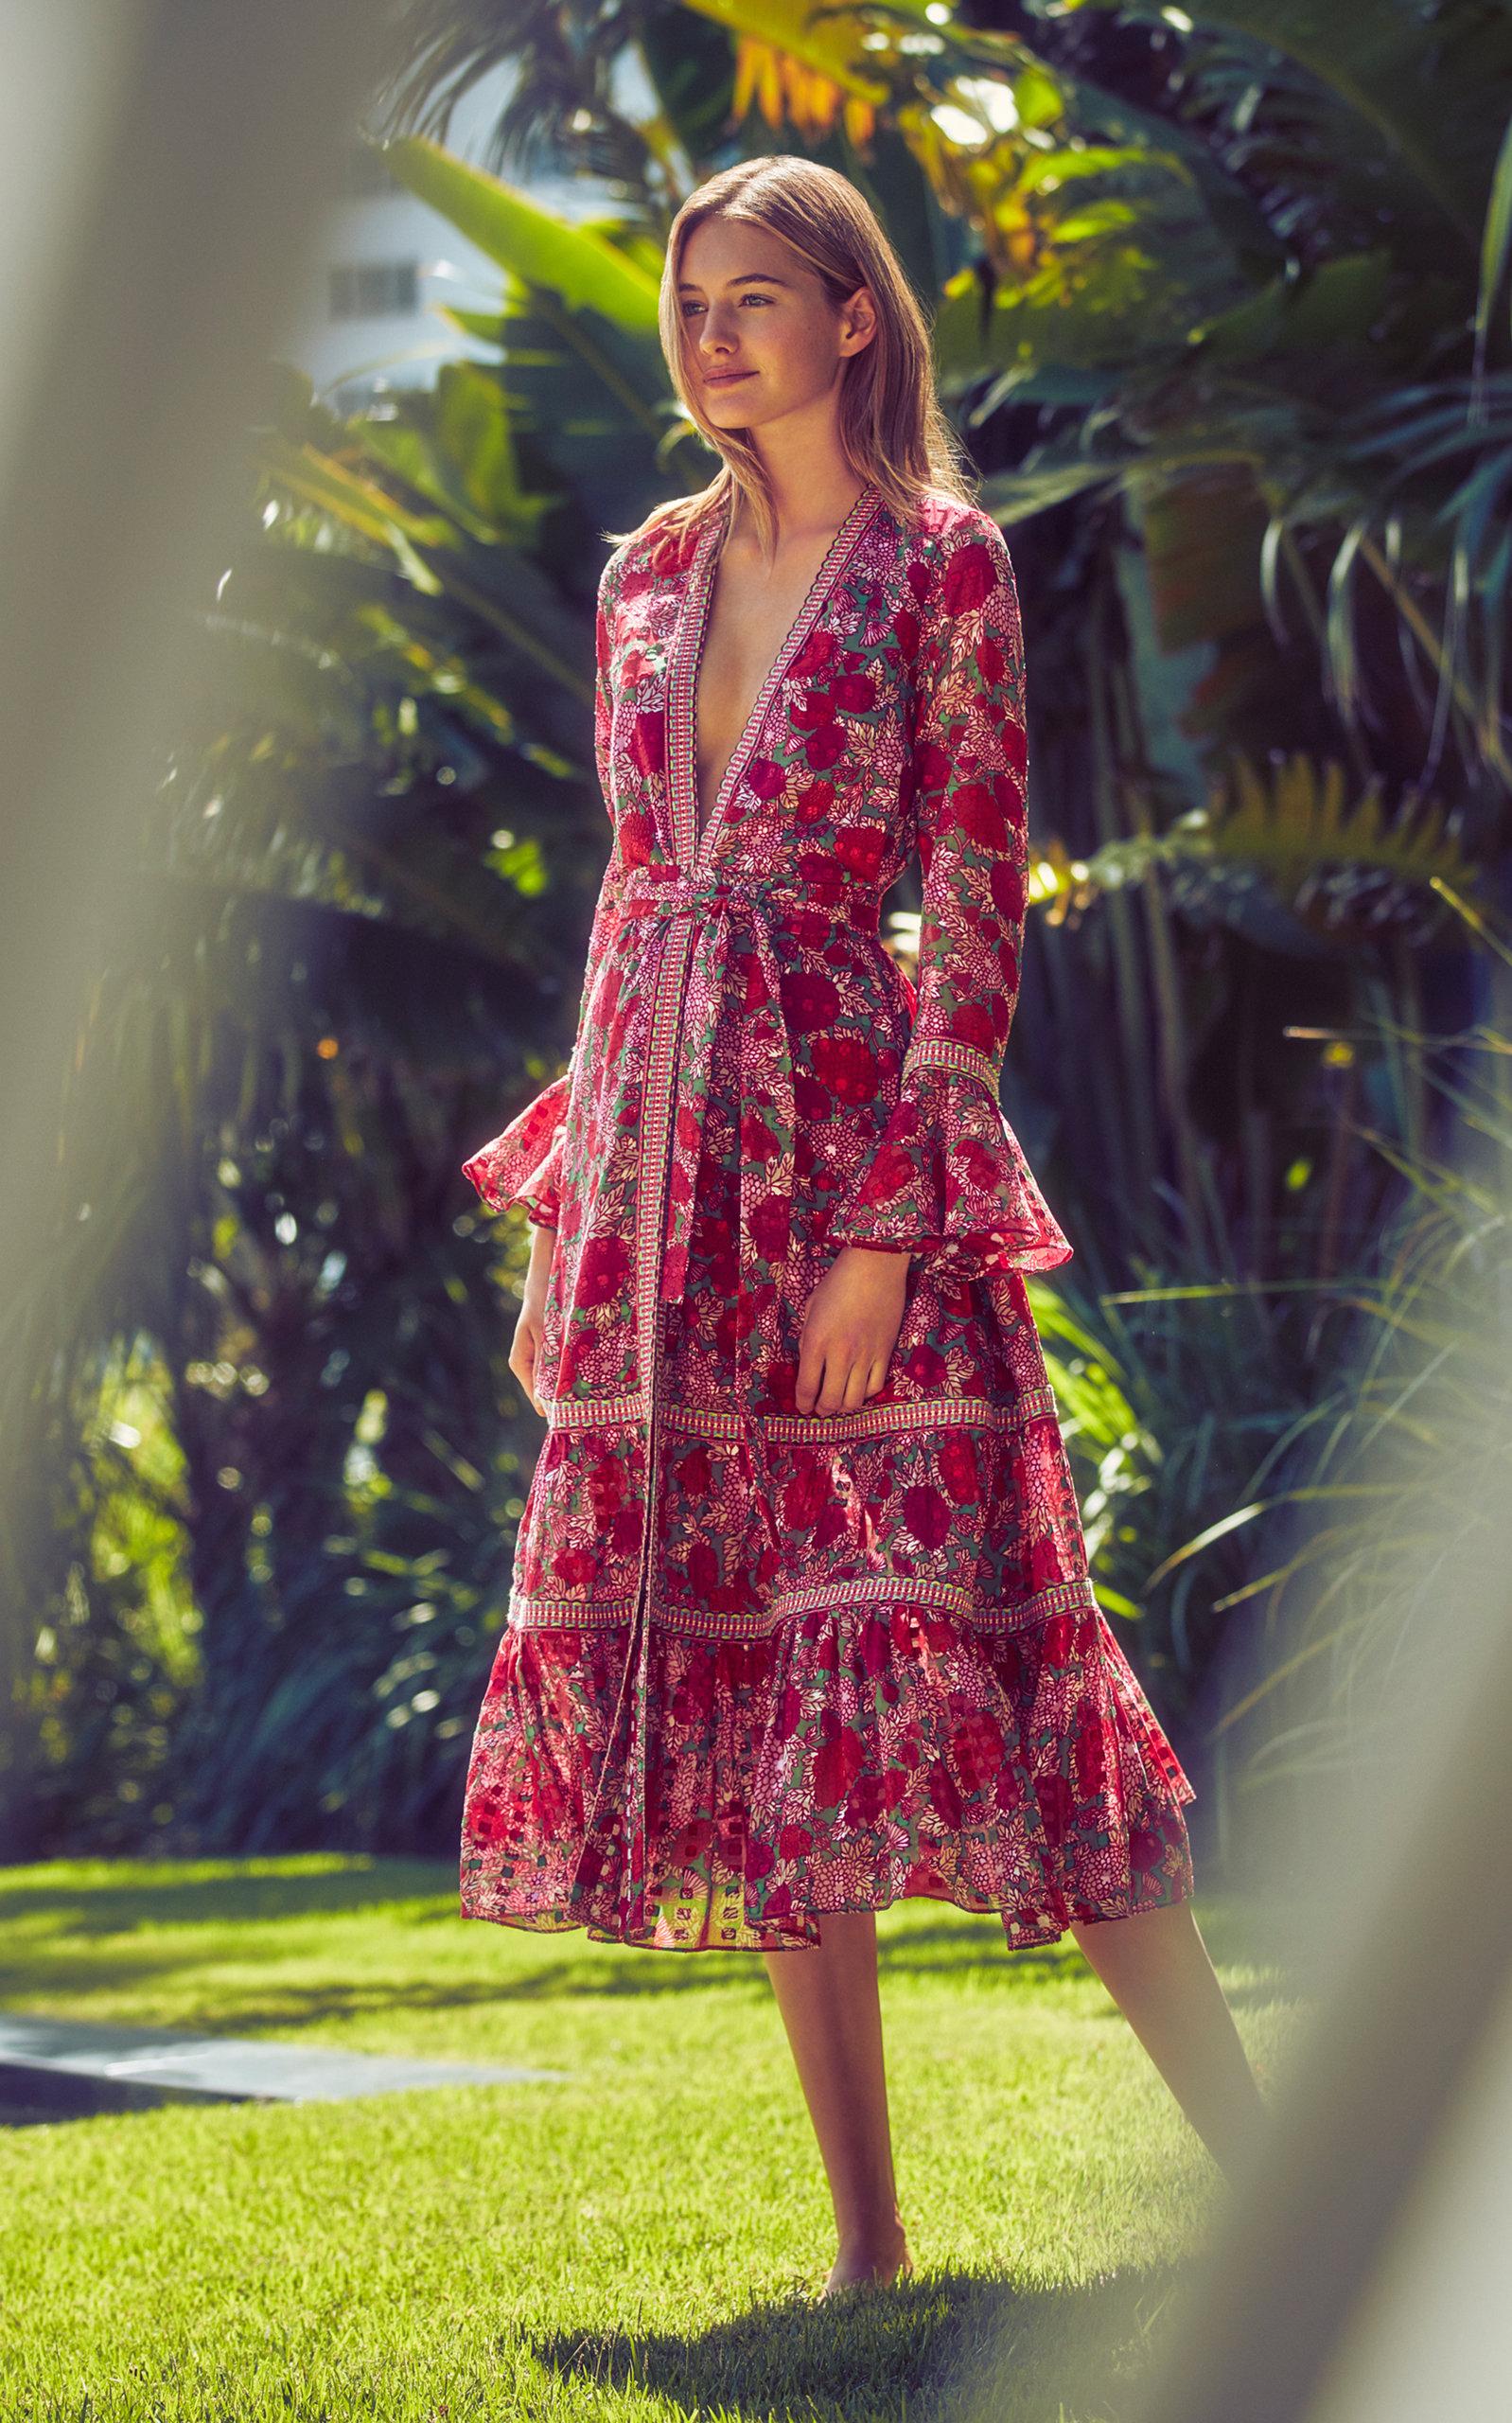 large_alexis-floral-marcas-tie-front-floral-print-voile-midi-dress.jpg